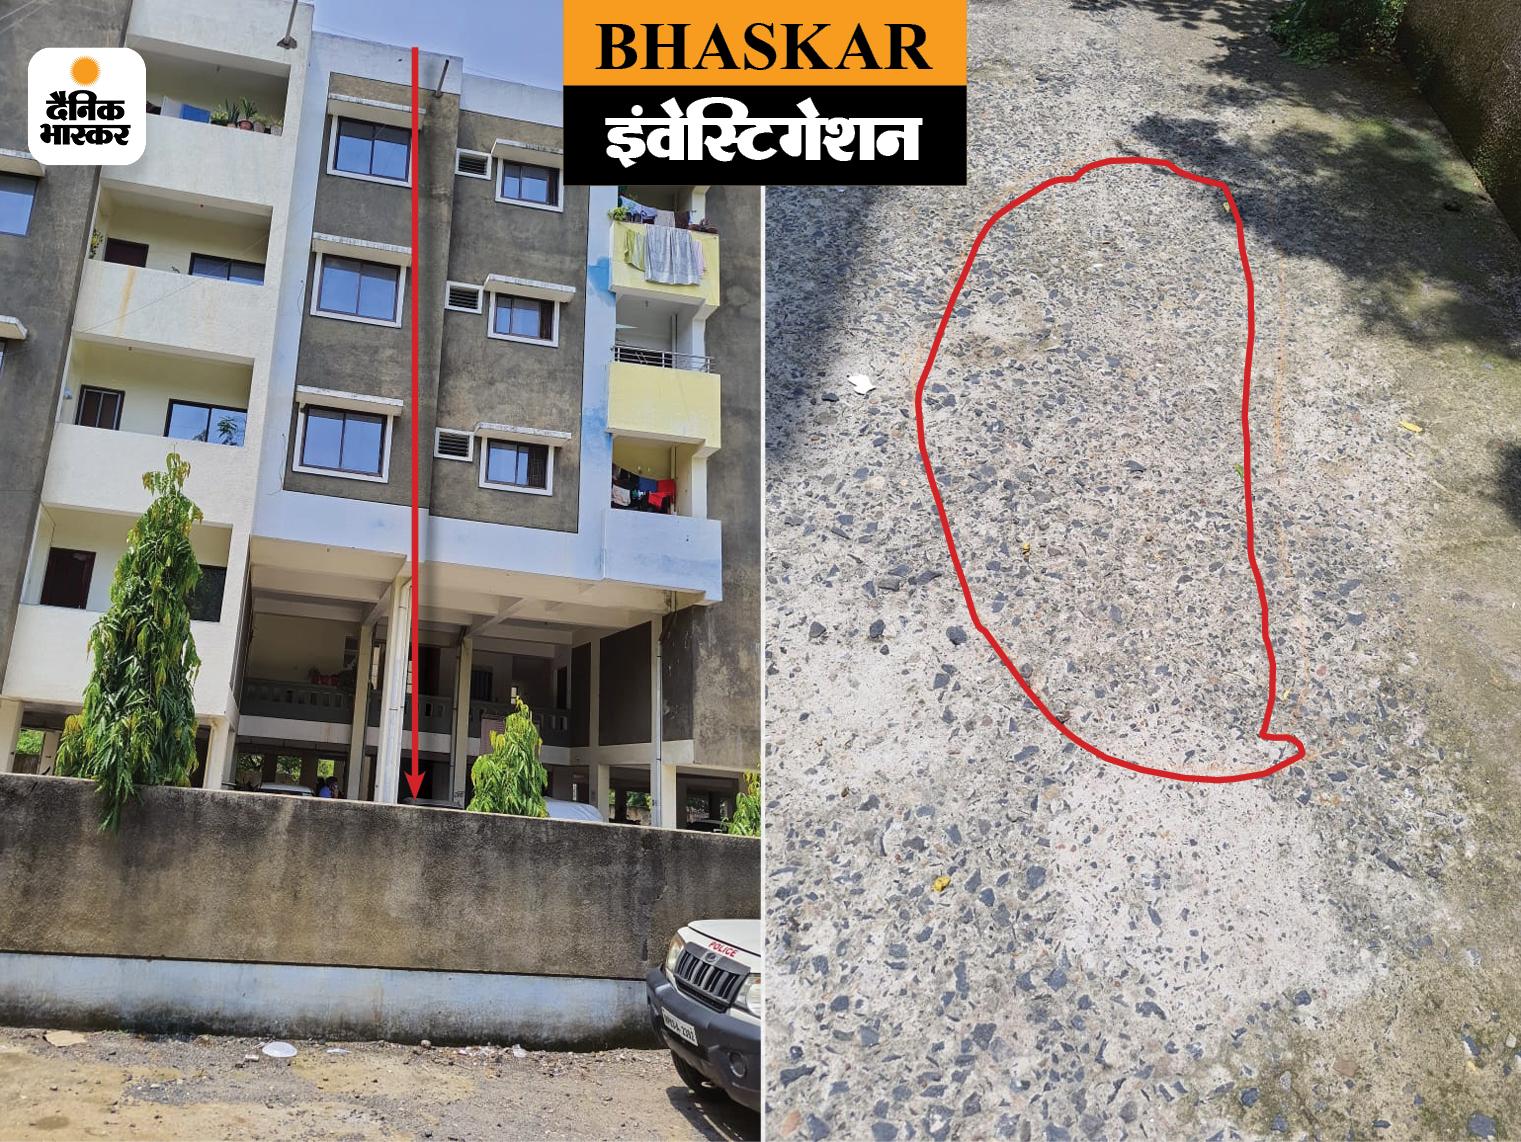 14 साल की बच्ची 53 फीट ऊंचाई से गिरी, लेकिन खून का एक कतरा नहीं बहा; पोस्टमाॅर्टम करने वाले डाॅक्टर्स भी हैरान जबलपुर,Jabalpur - Dainik Bhaskar